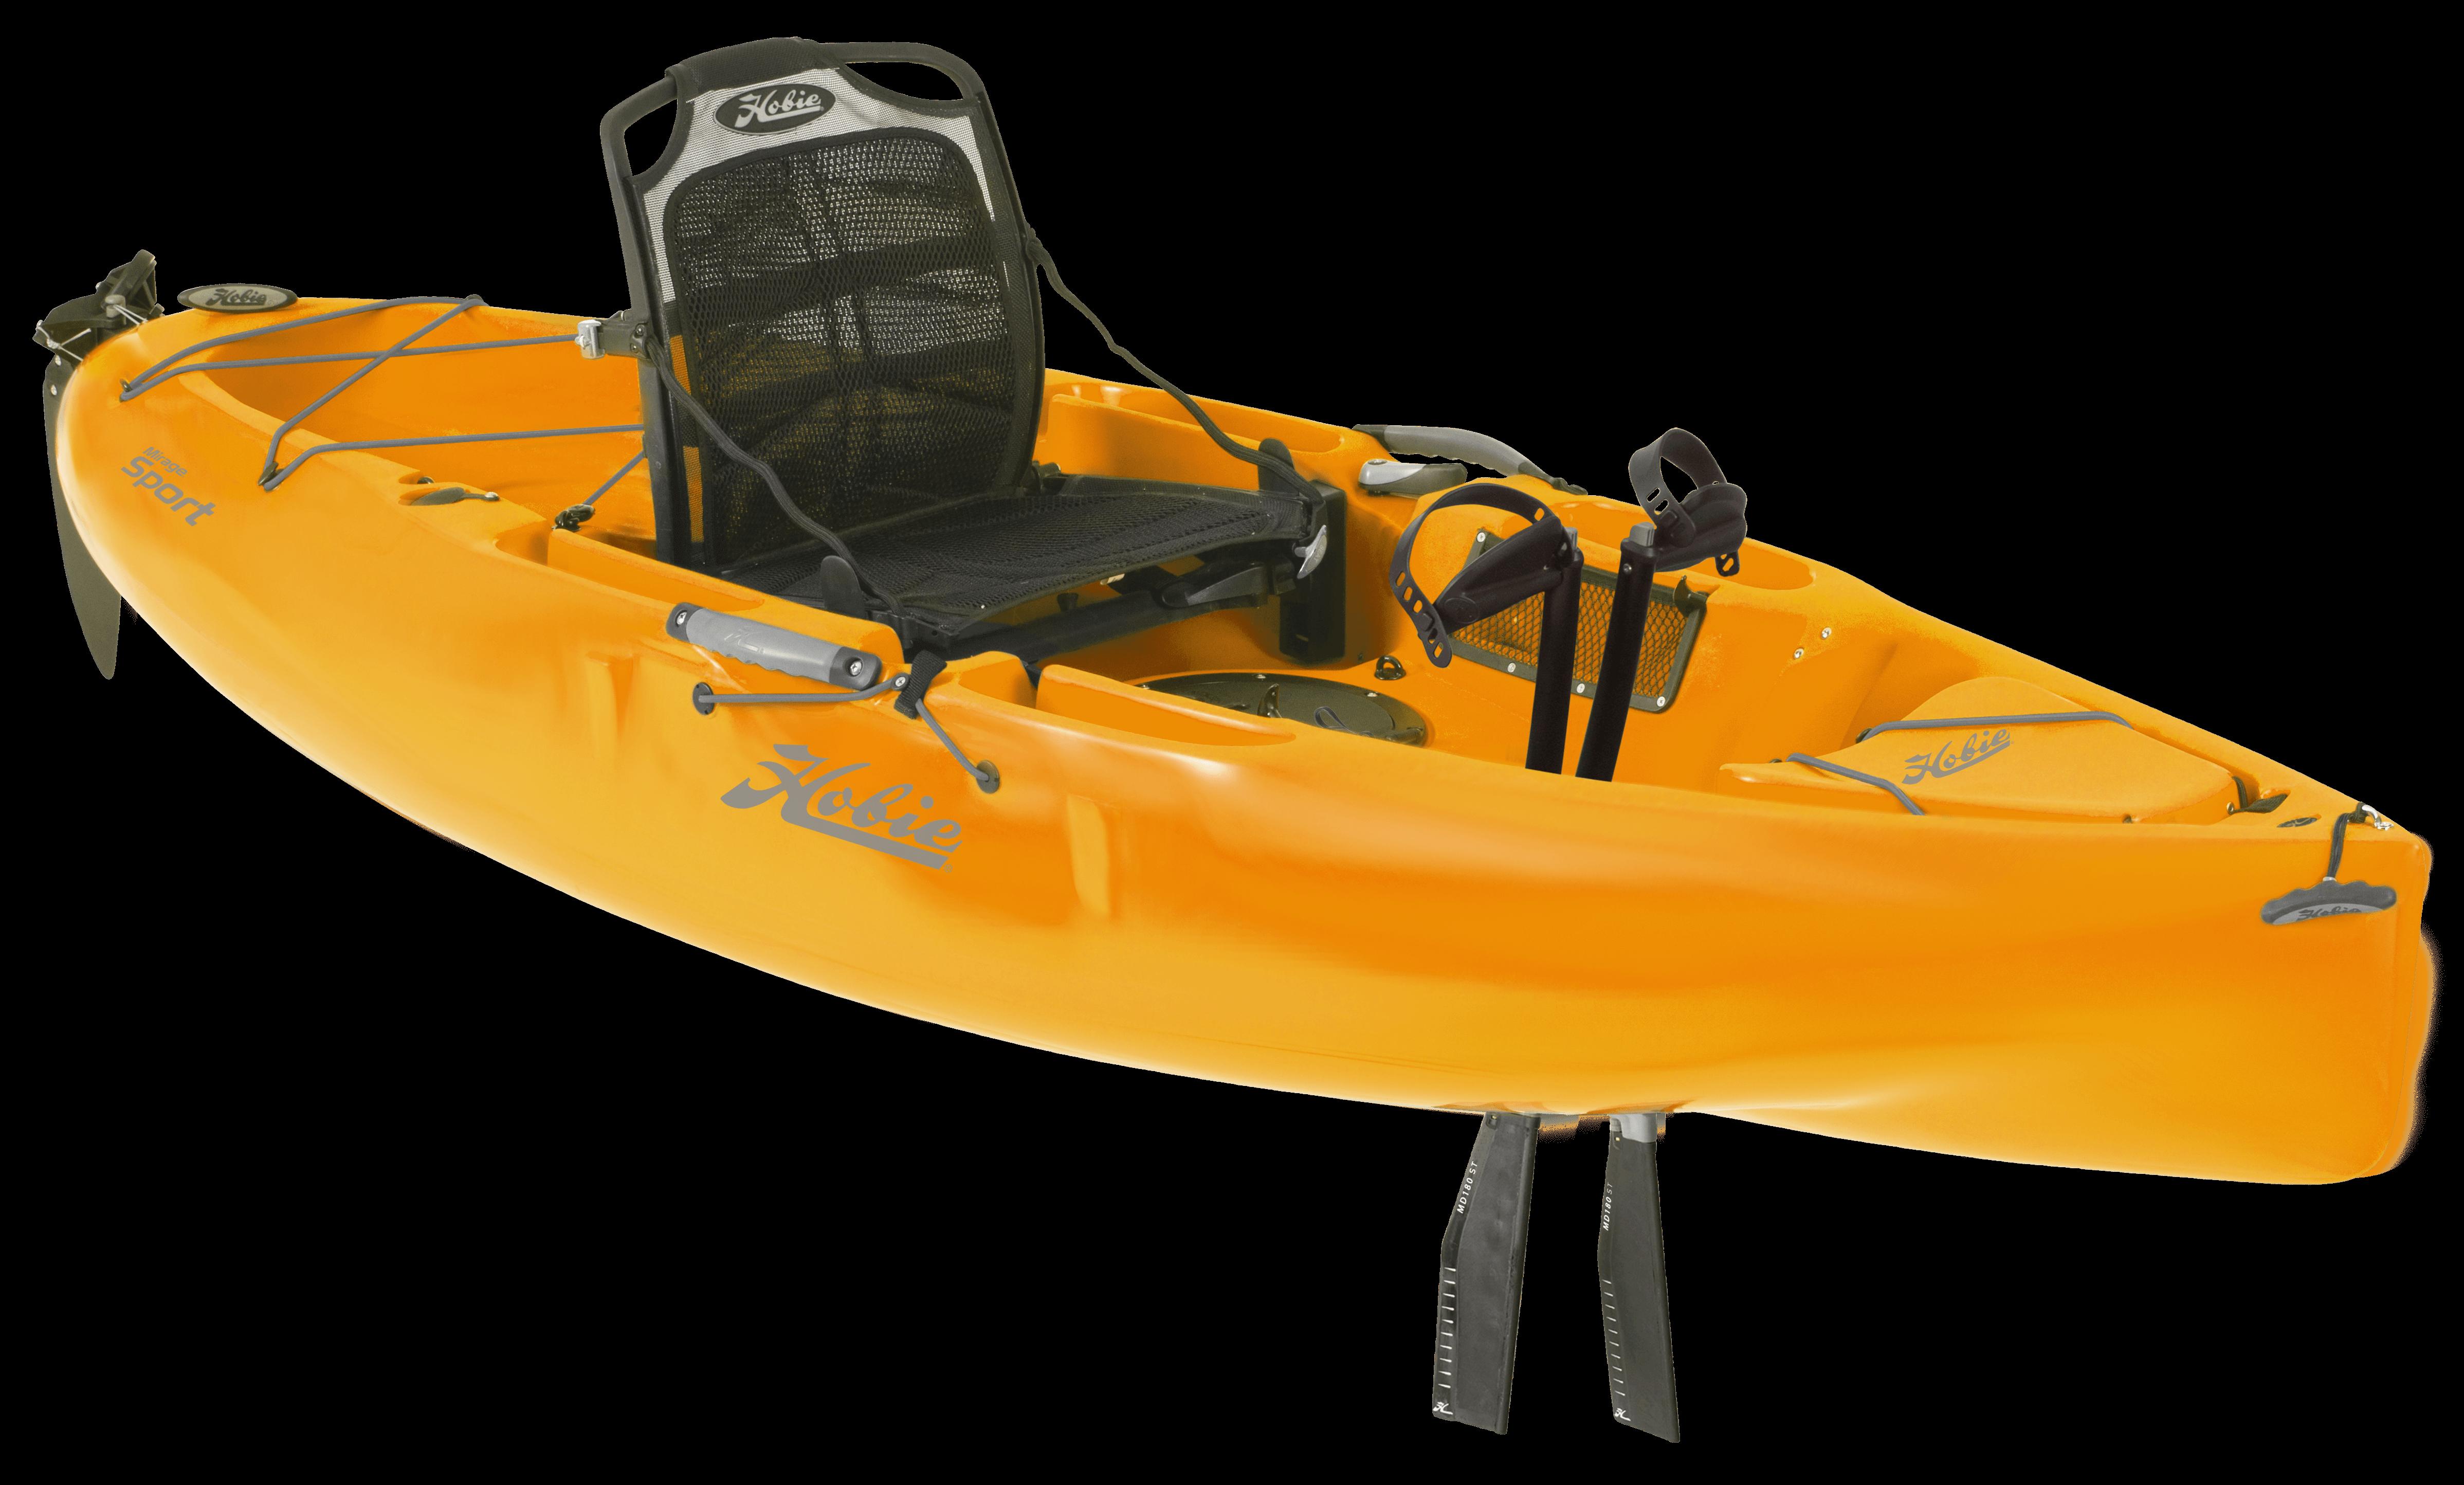 Buying a 200 Kayak Hobie kayaks for sale, Pedal fishing